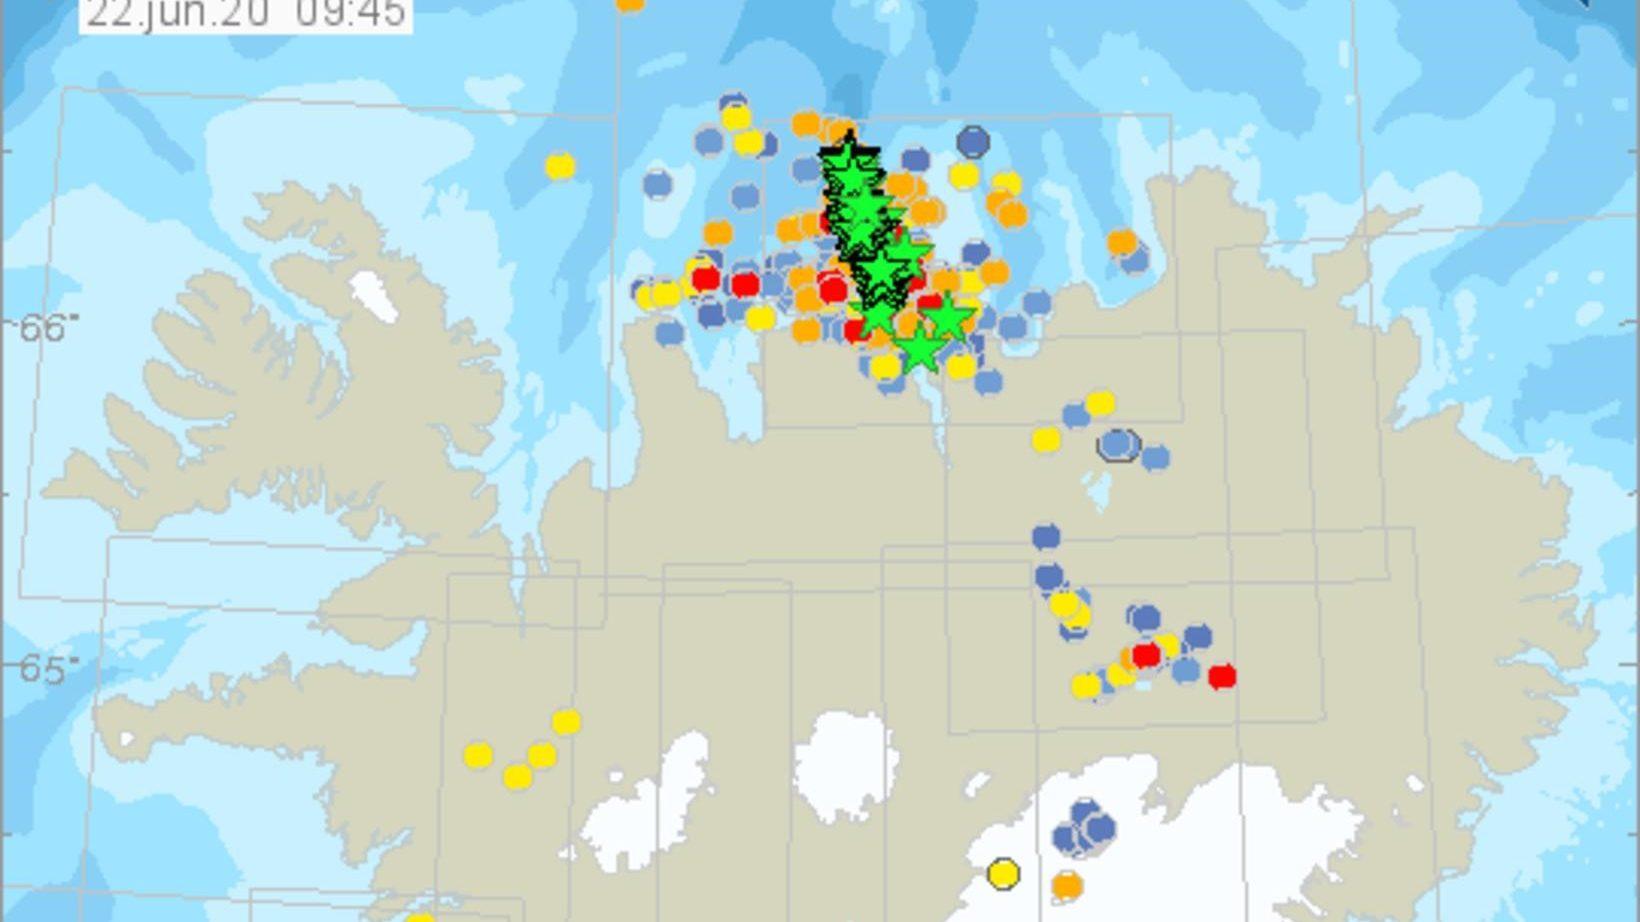 איסלנד: יותר מ-9,000 רעידות אדמה ב-10 ימים